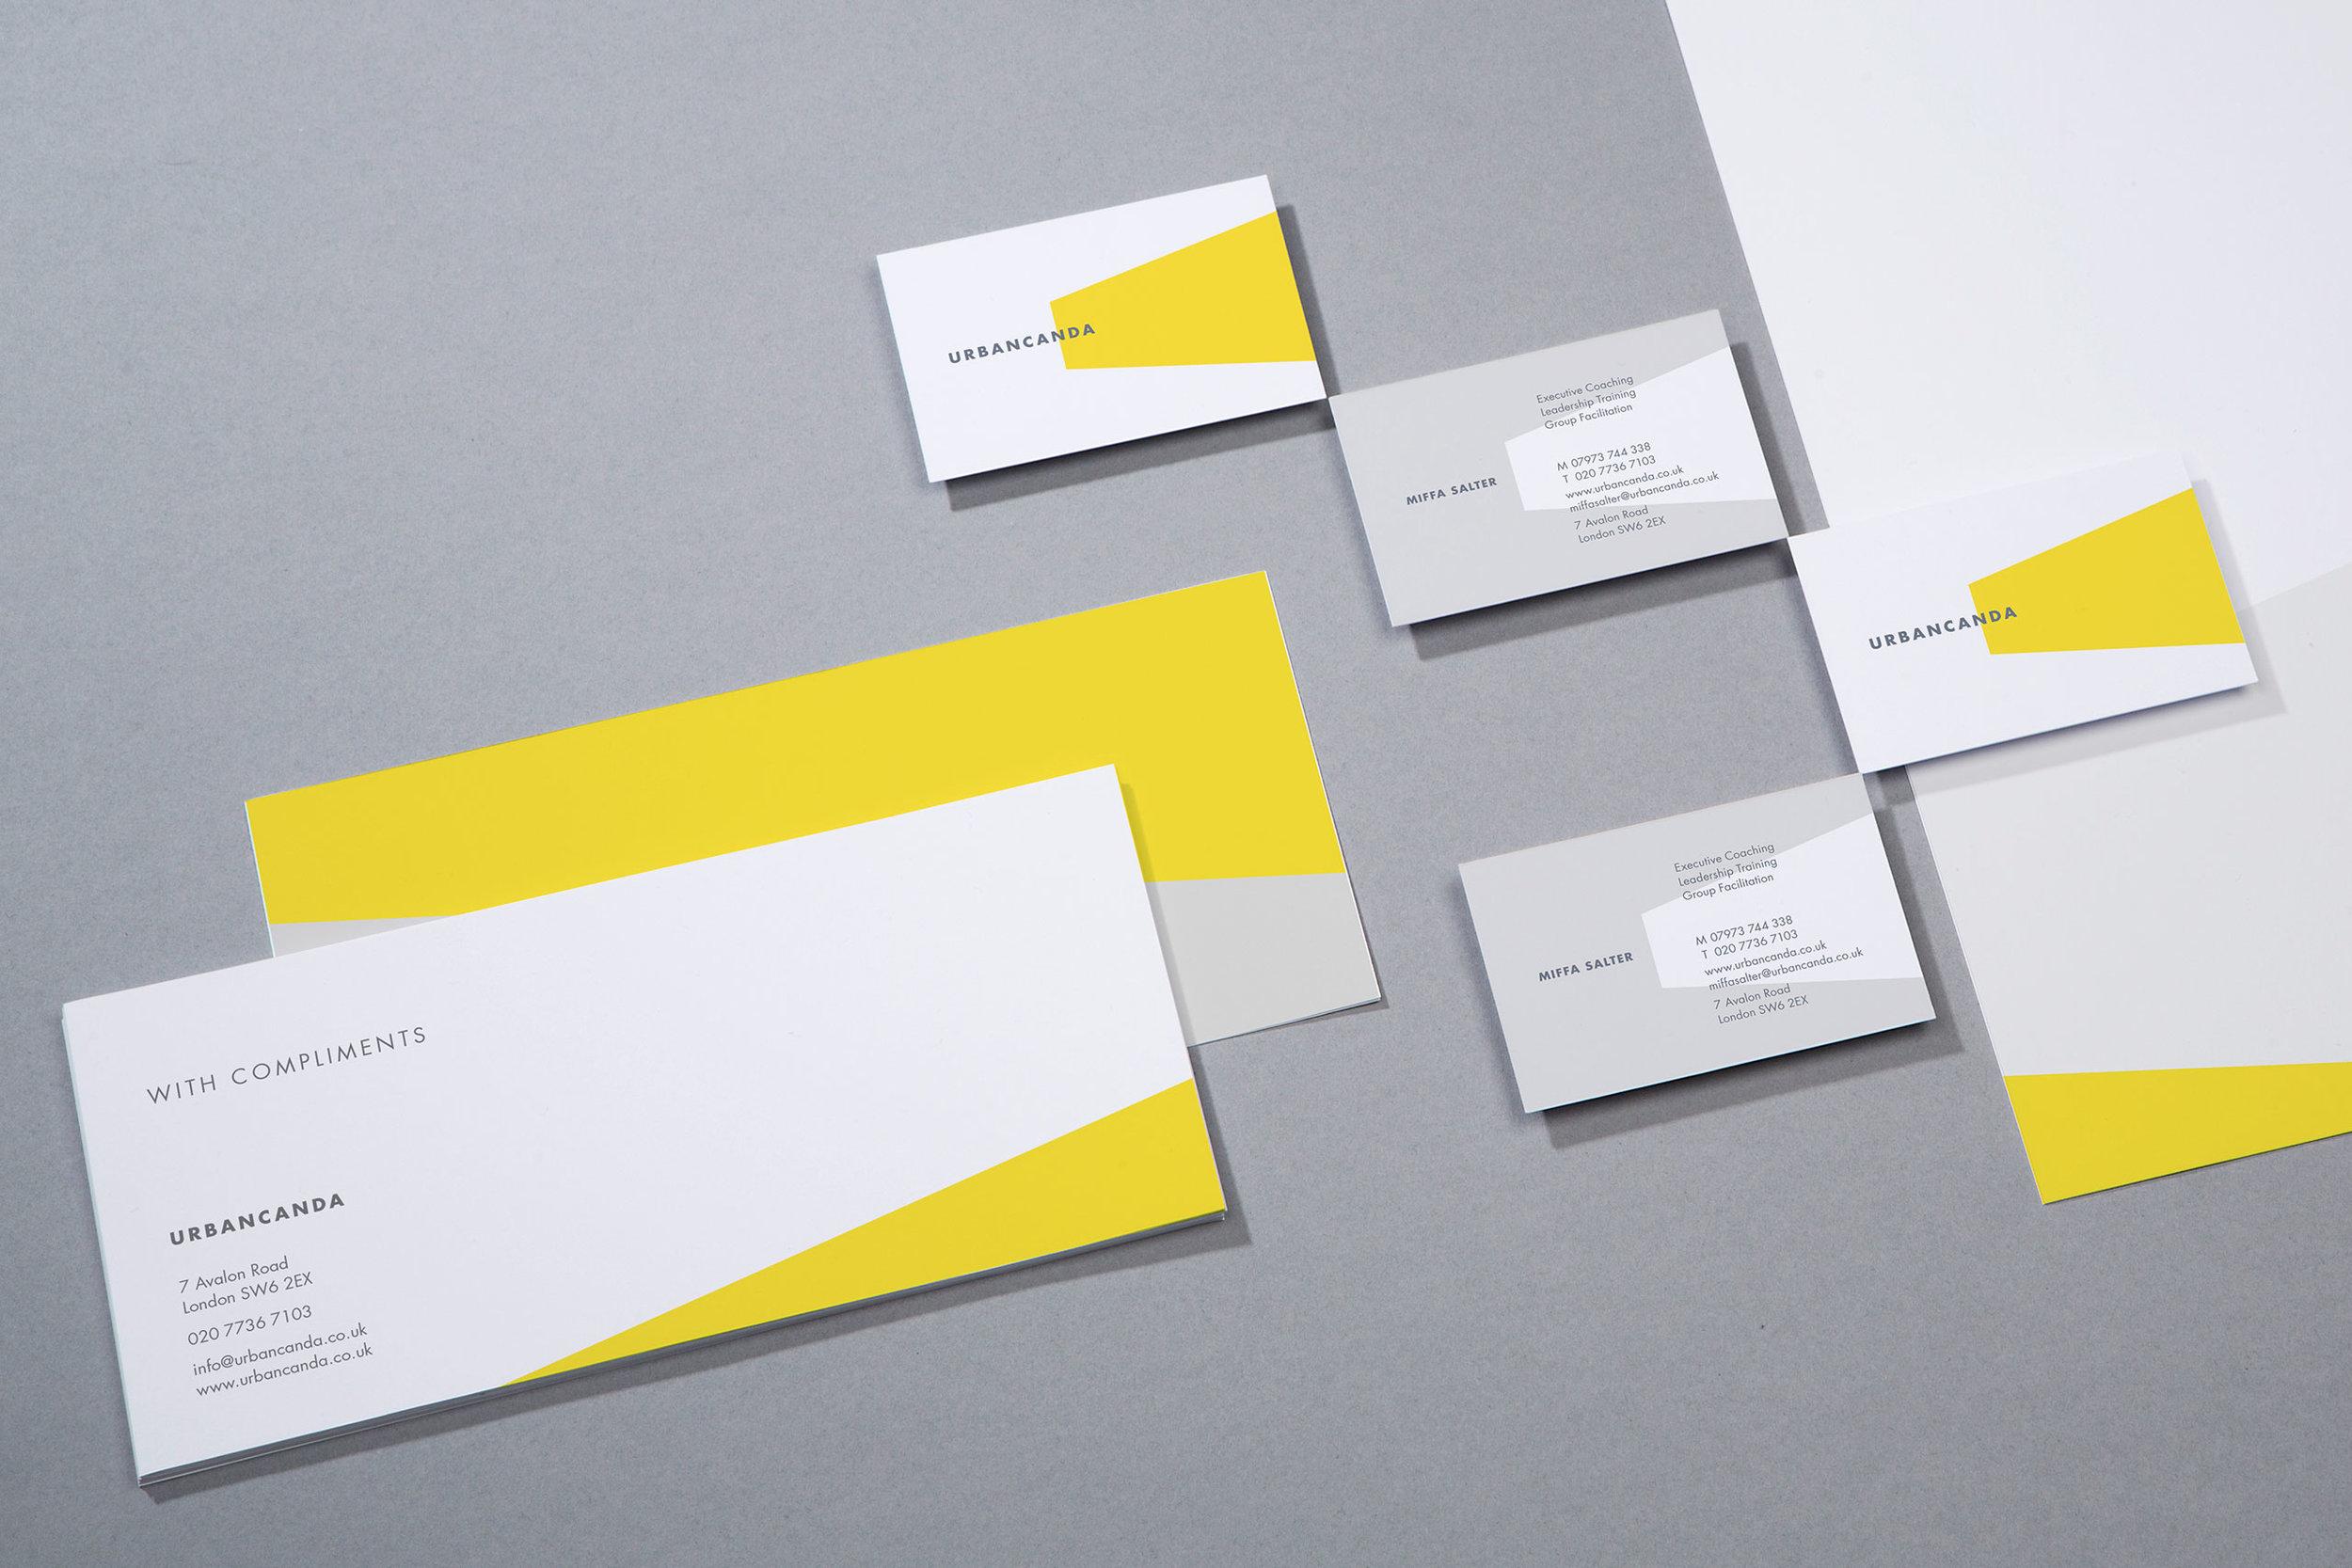 Brand identity for Urbancanda for stationery